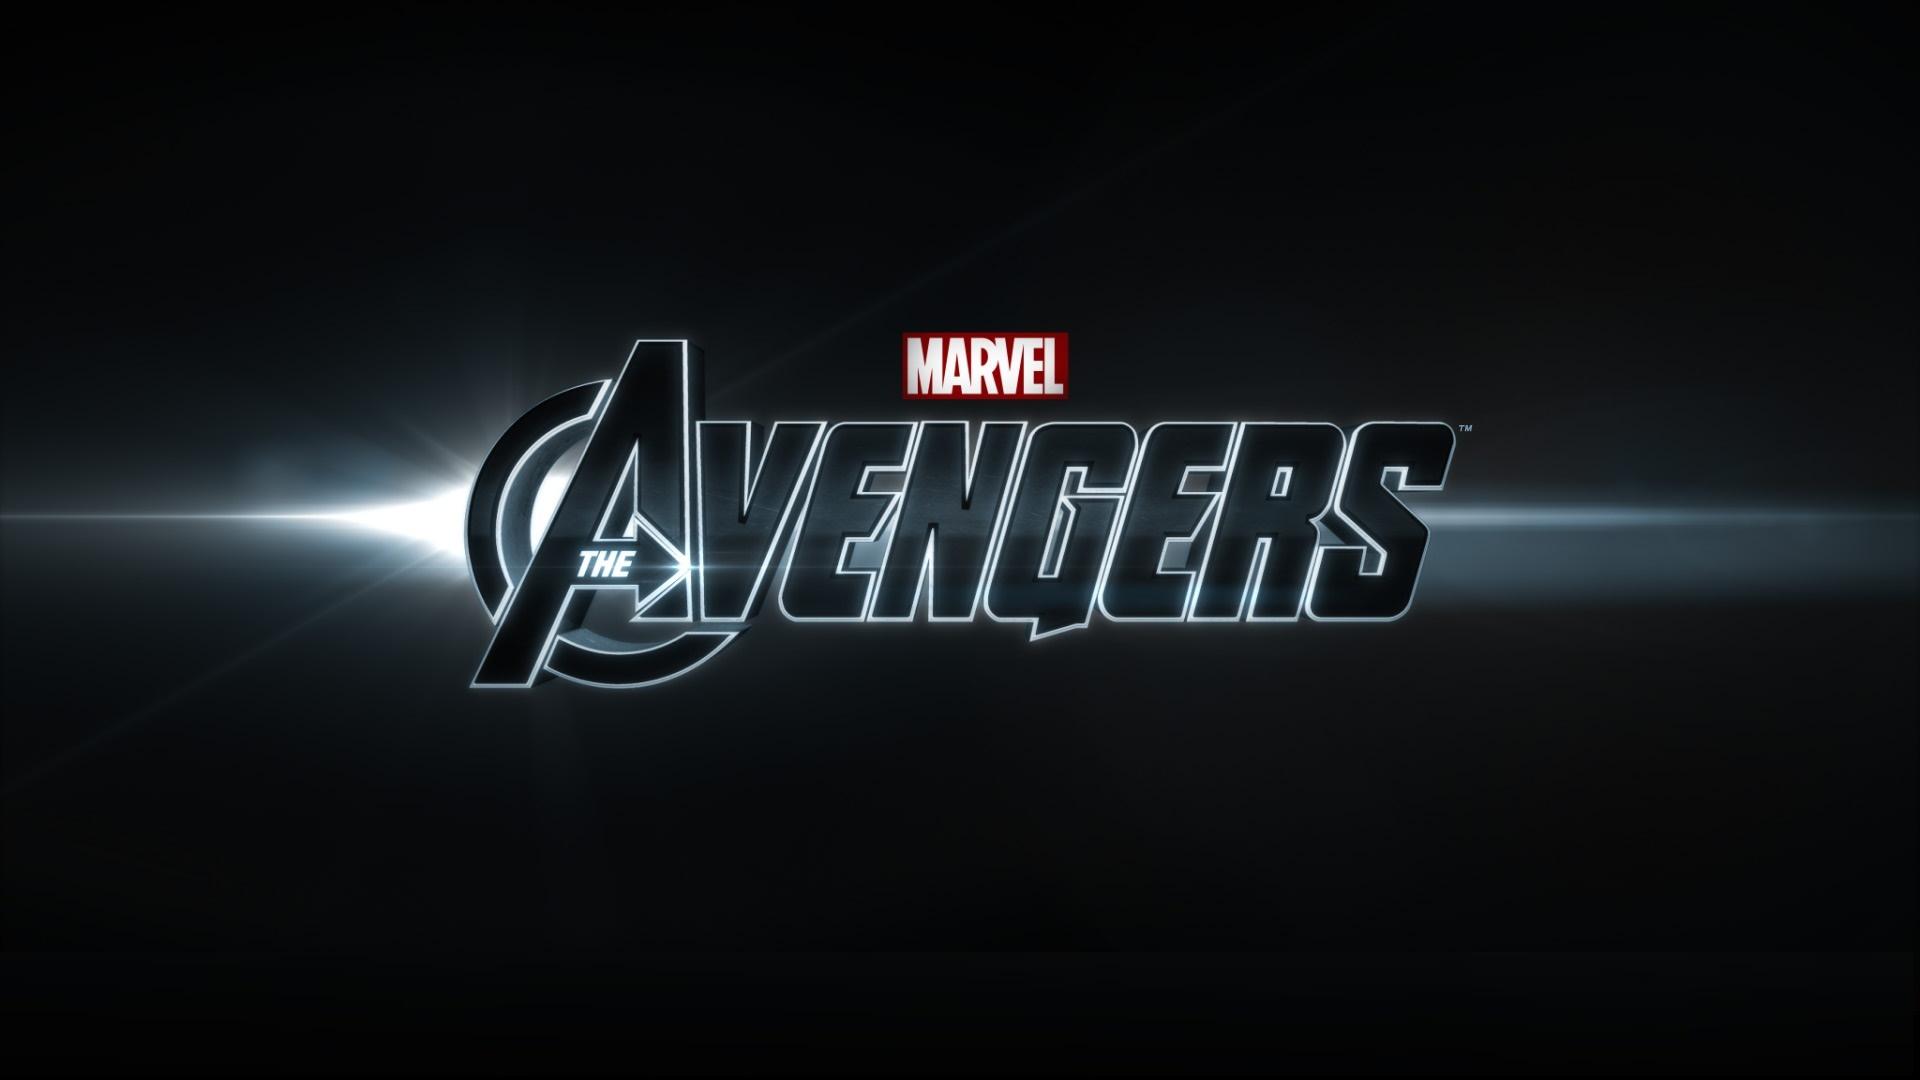 Red And Black Graffiti Wallpaper Logo Avengers Wallpapers Pixelstalk Net